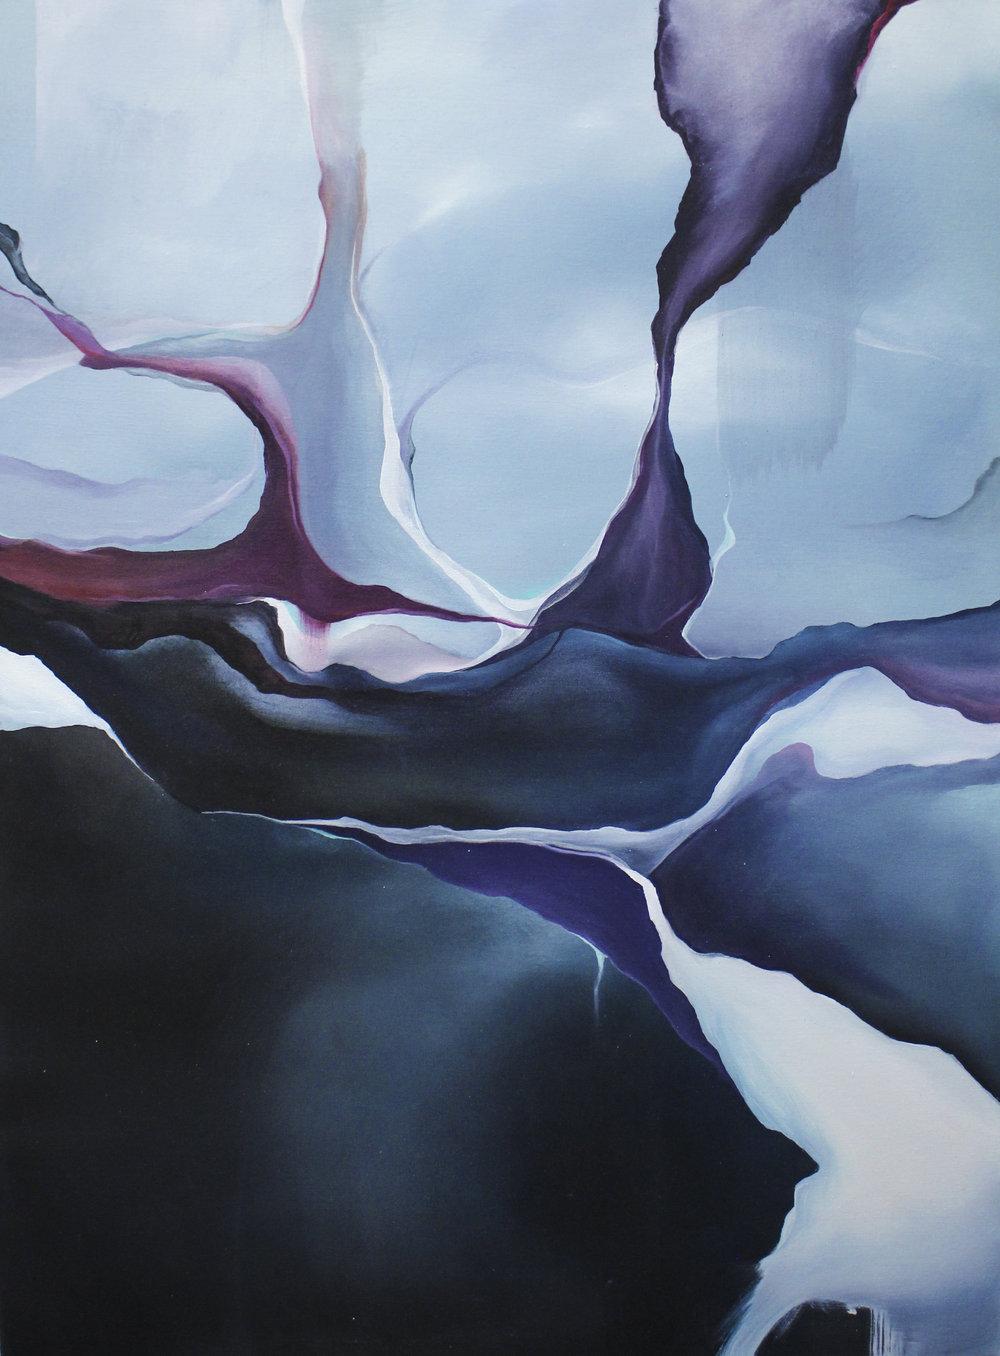 Soluble_+2015+(101x76cm)+Oil+on+Canvas.jpg